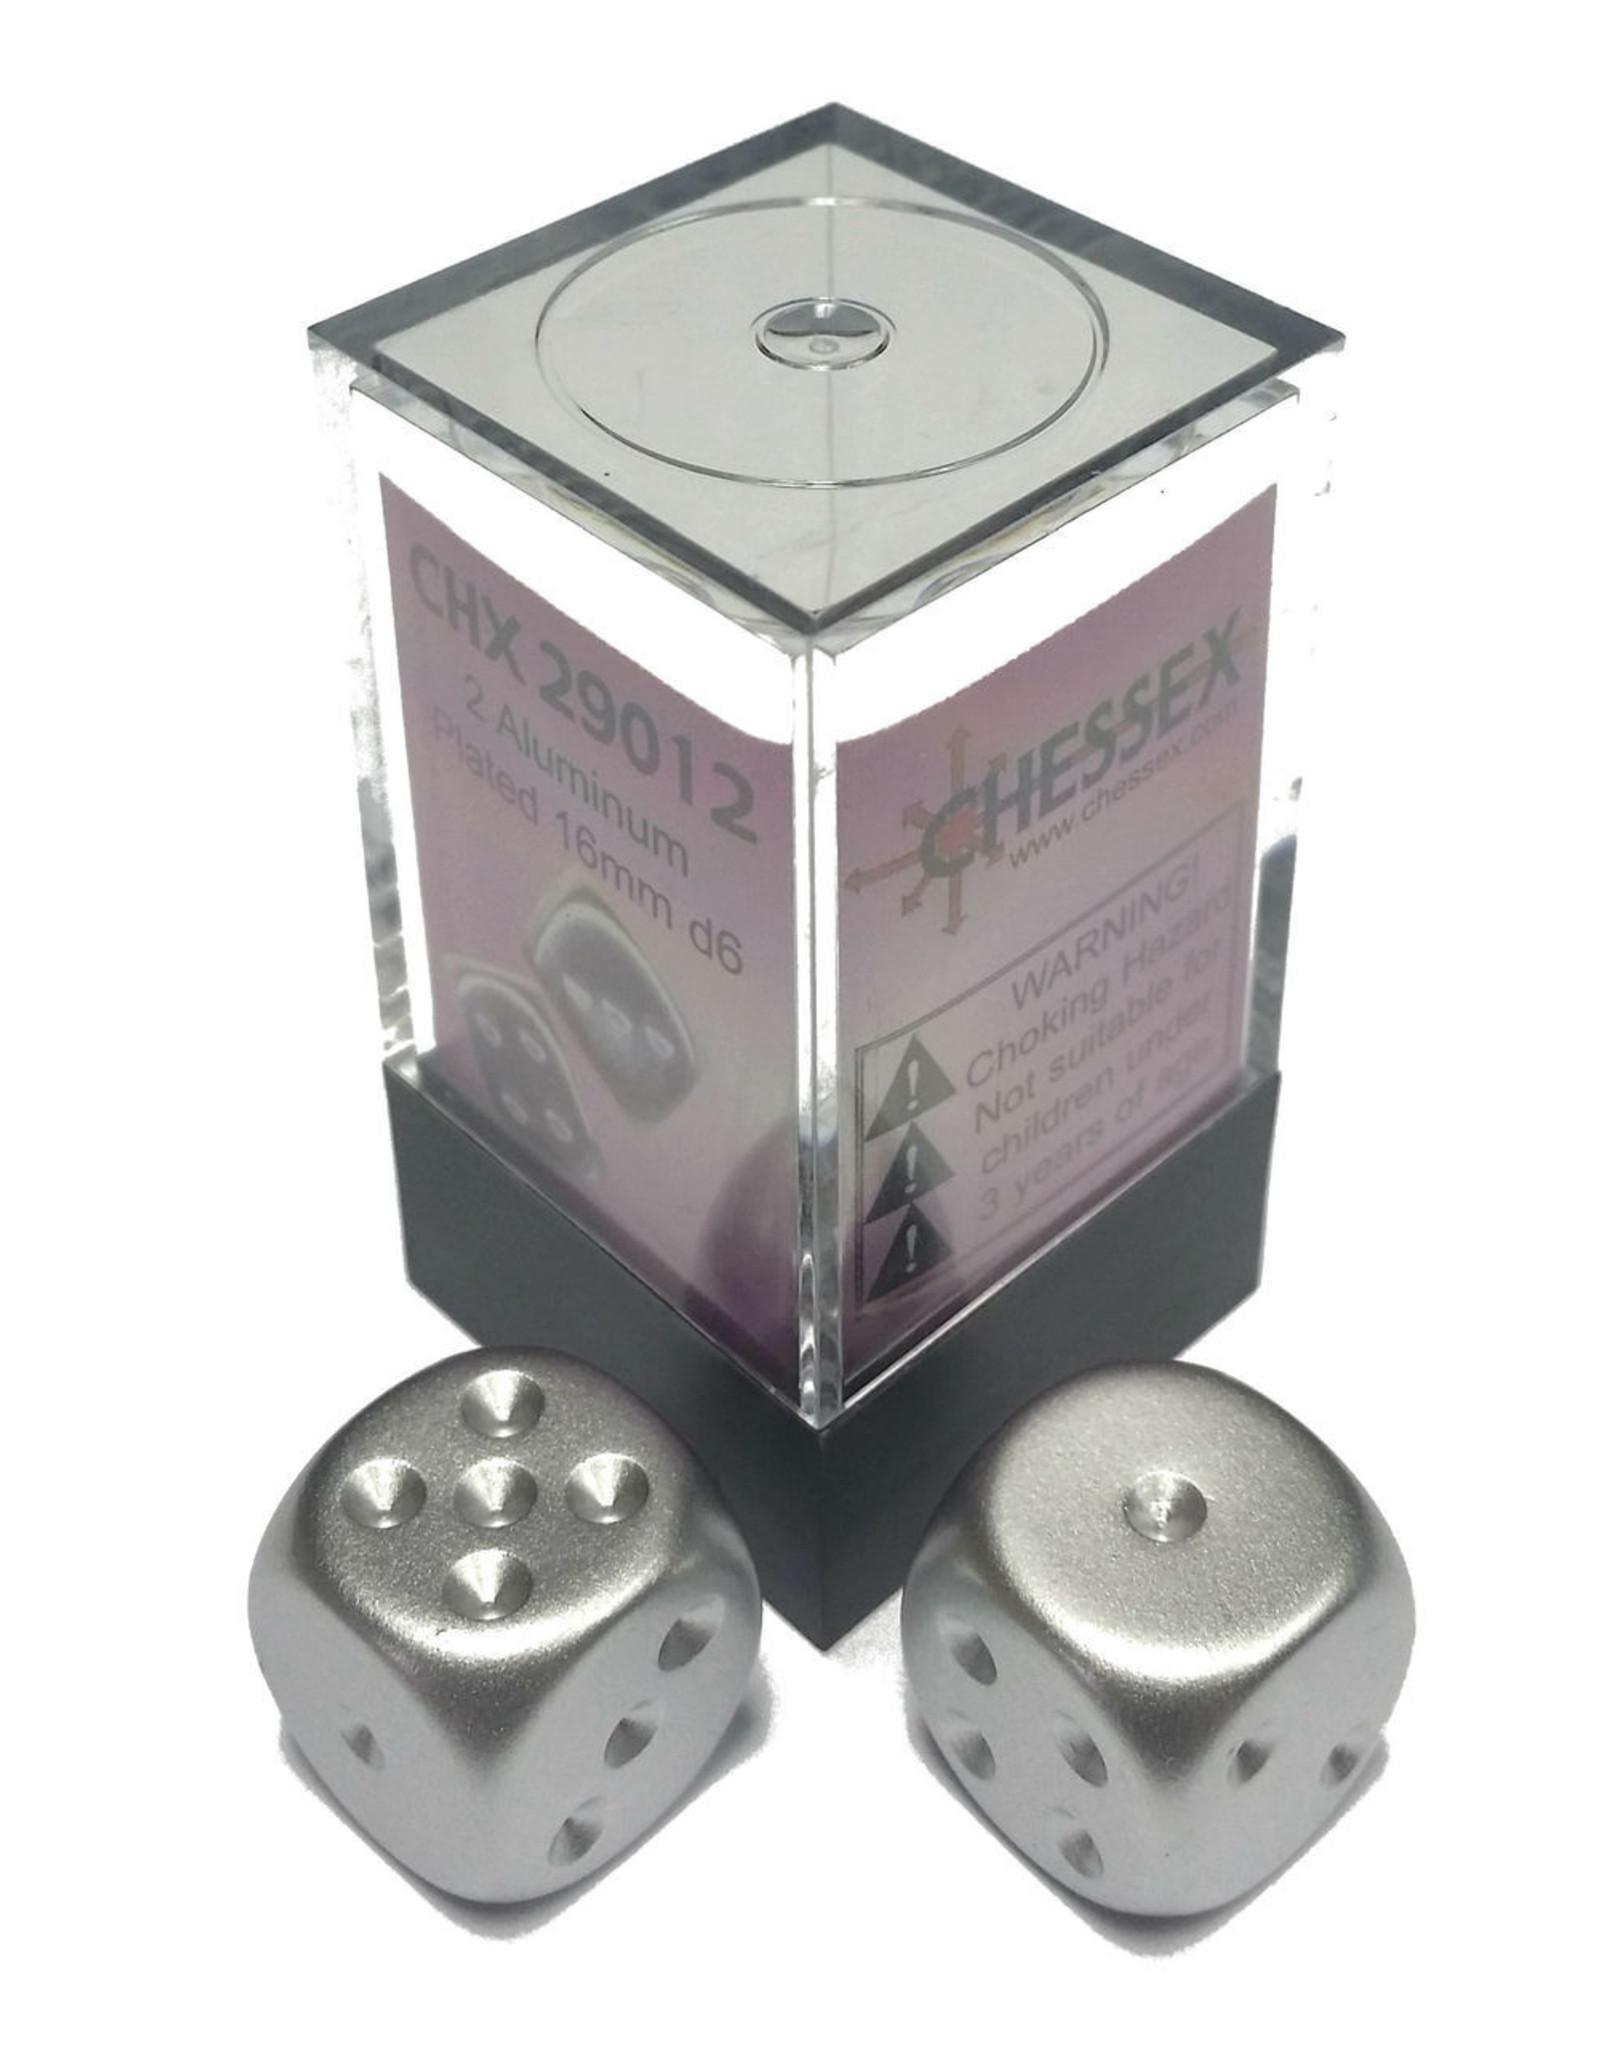 Chessex Aluminum Metallic 16mm D6 (2)